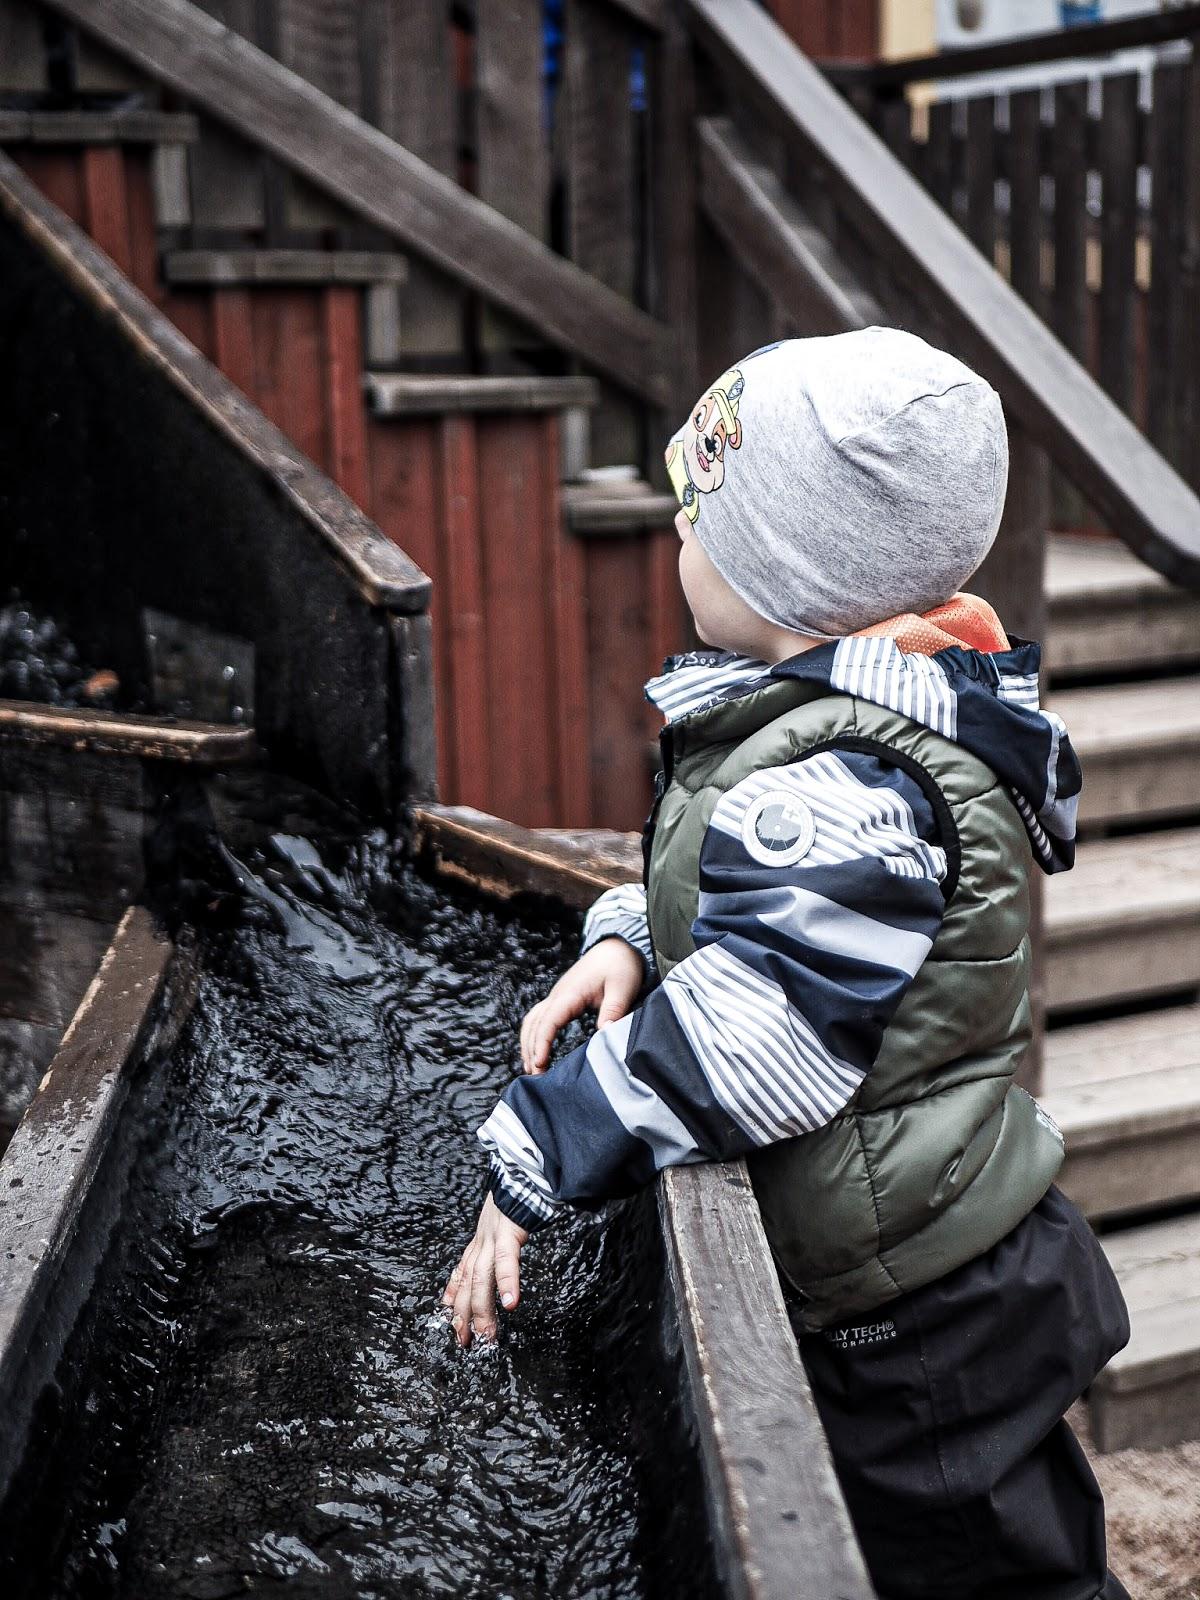 Koiramäen eläinpuisto sopii hyvin pienille lapsille! Tässä poika uittaa kaarnavenettä.